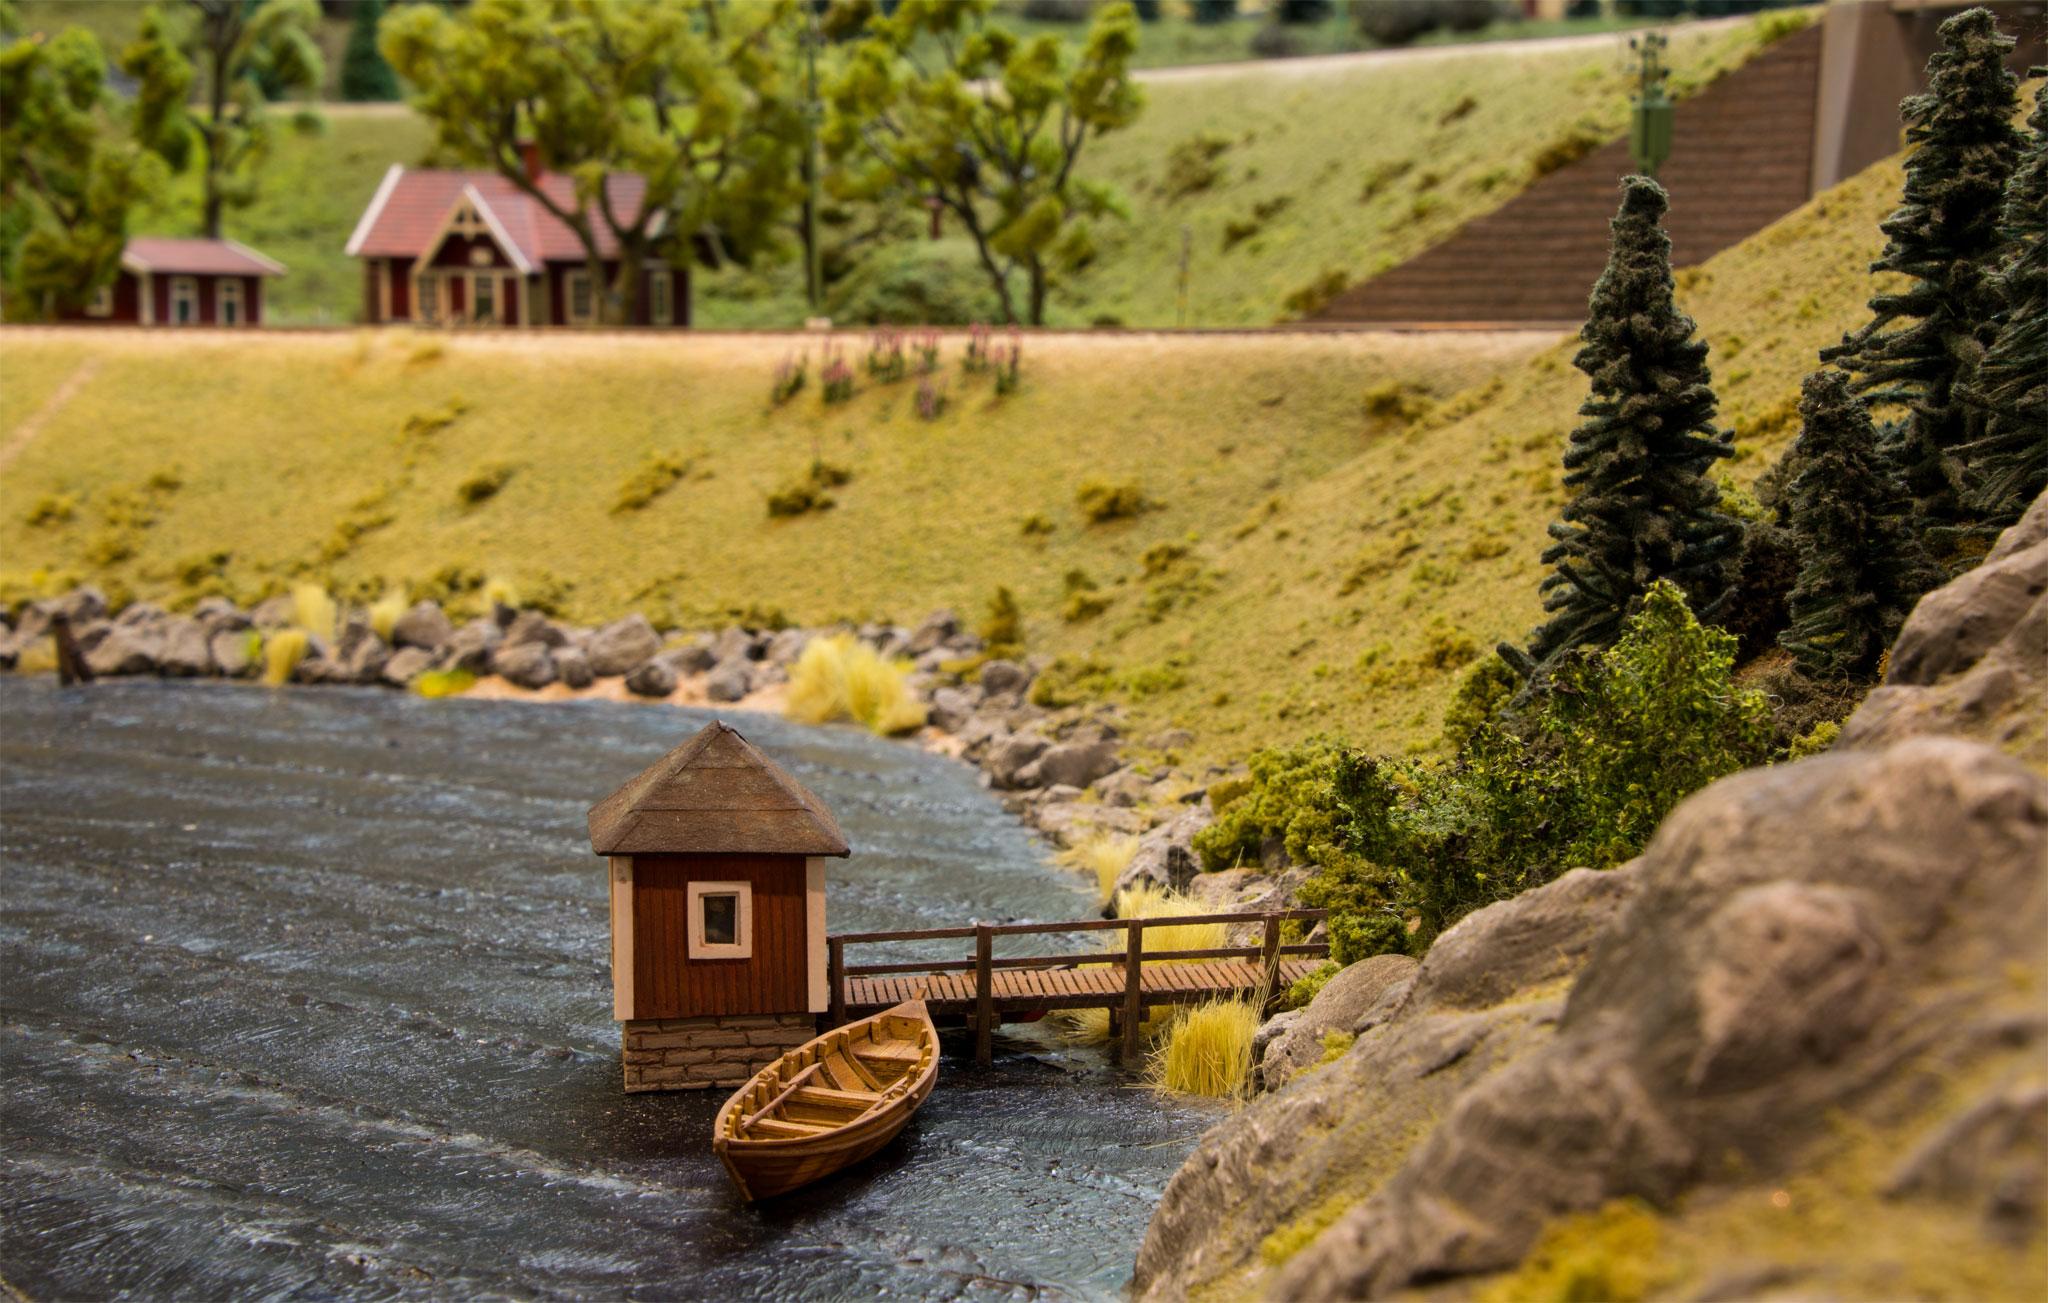 Pumpehus (Forbilledet er fra Åmål-Årjängs Järnväg)